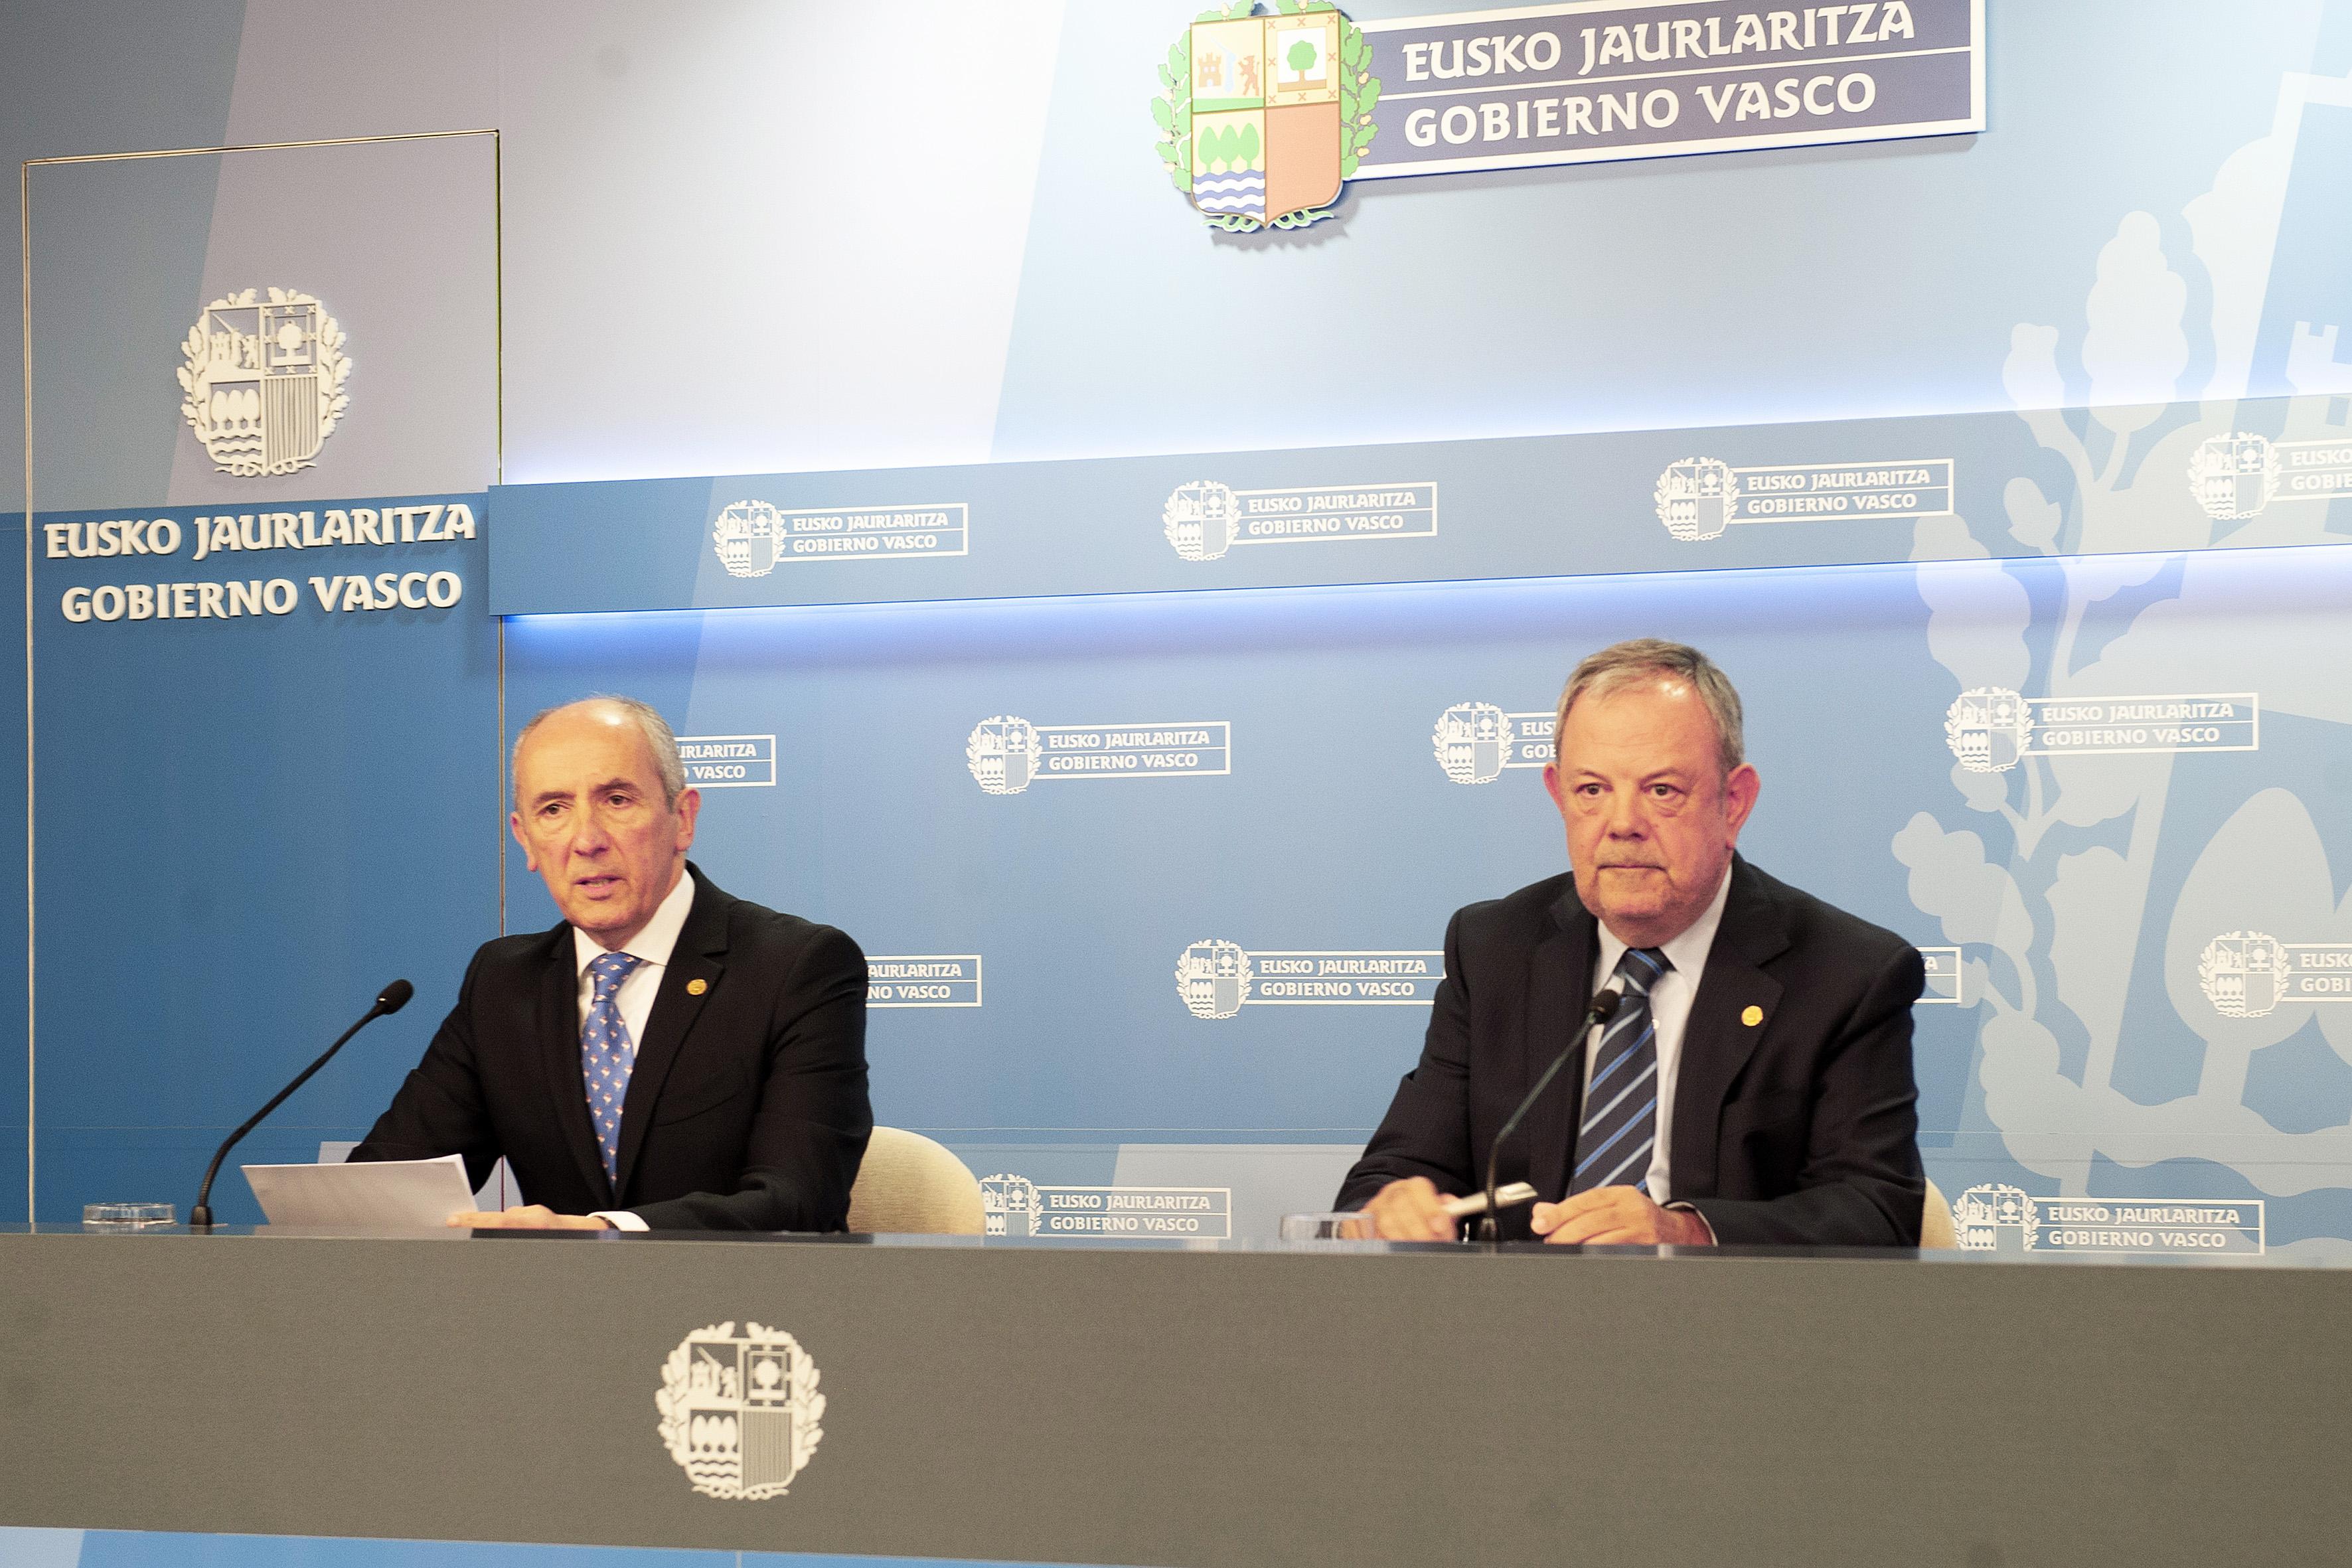 El Gobierno Vasco aprueba dos Proyectos de Ley con importantes mejoras para la función pública vasca